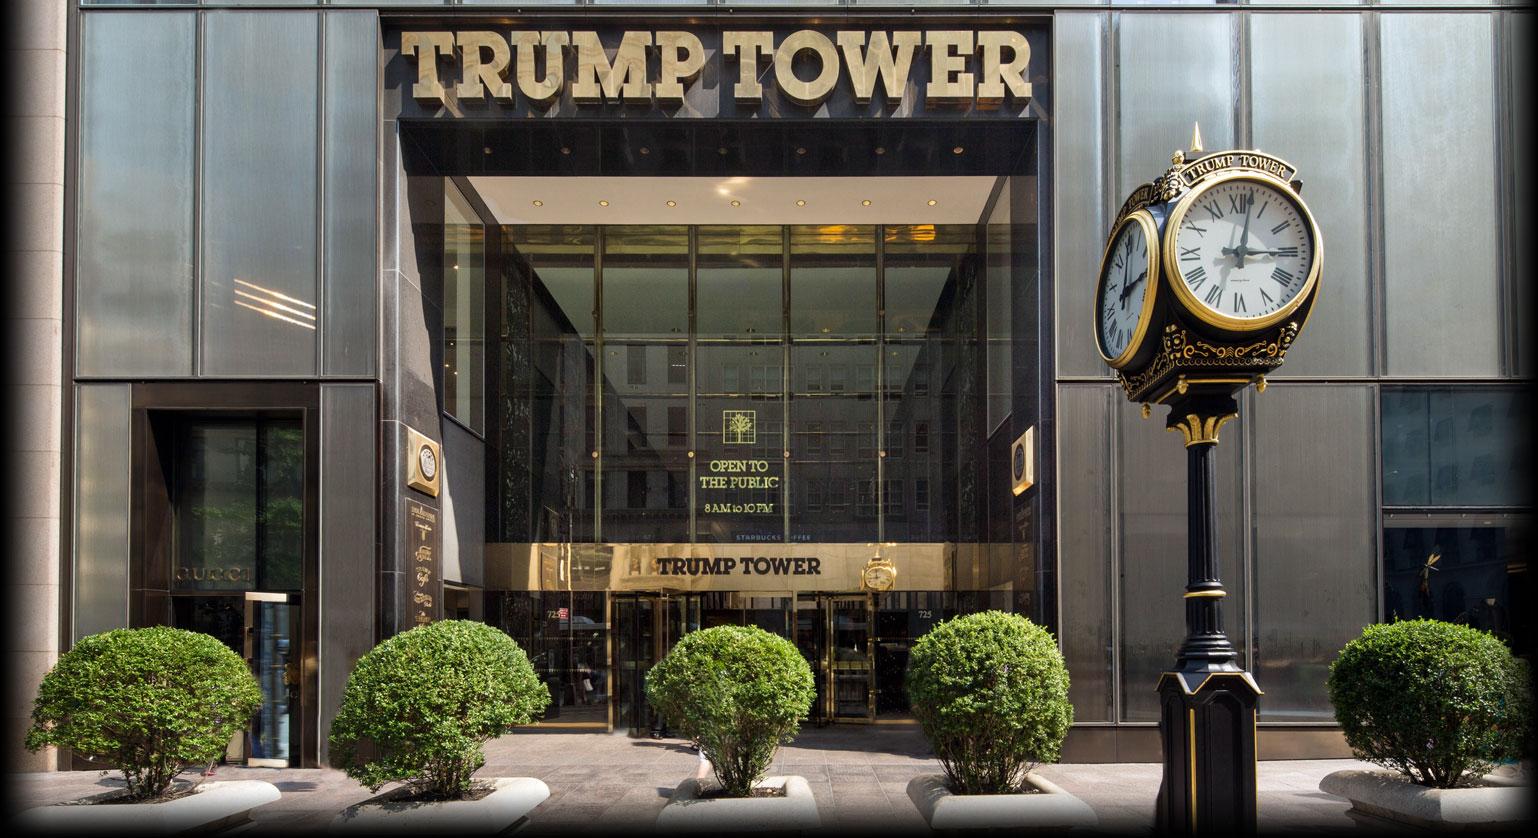 Trump fton në një takim në Nju Jork emrat e mëdhenj të teknologjisë